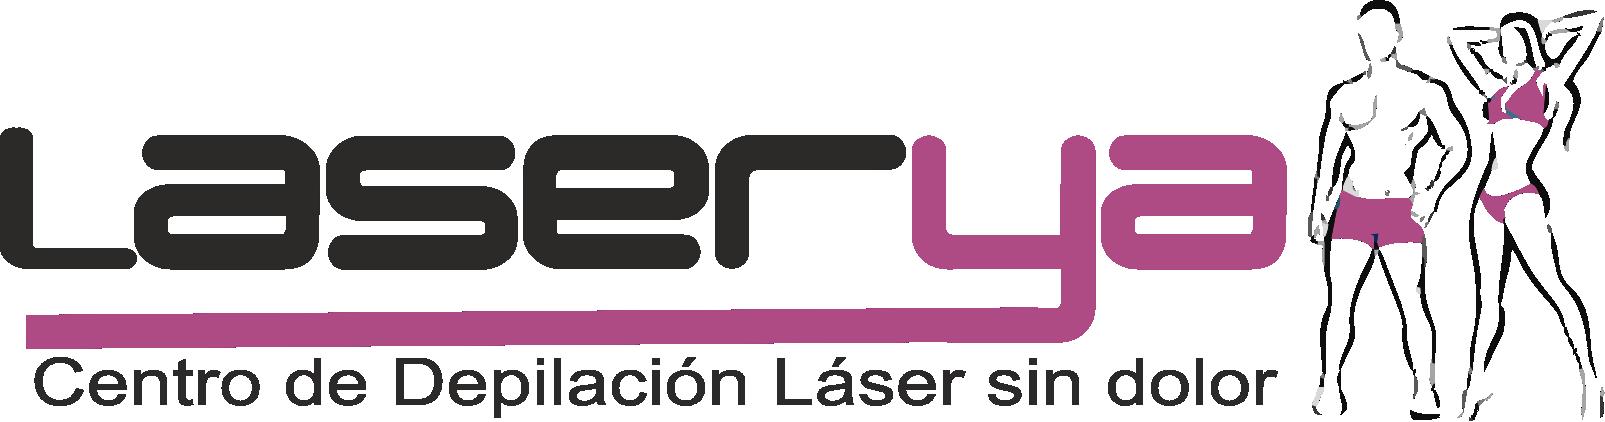 Laserya